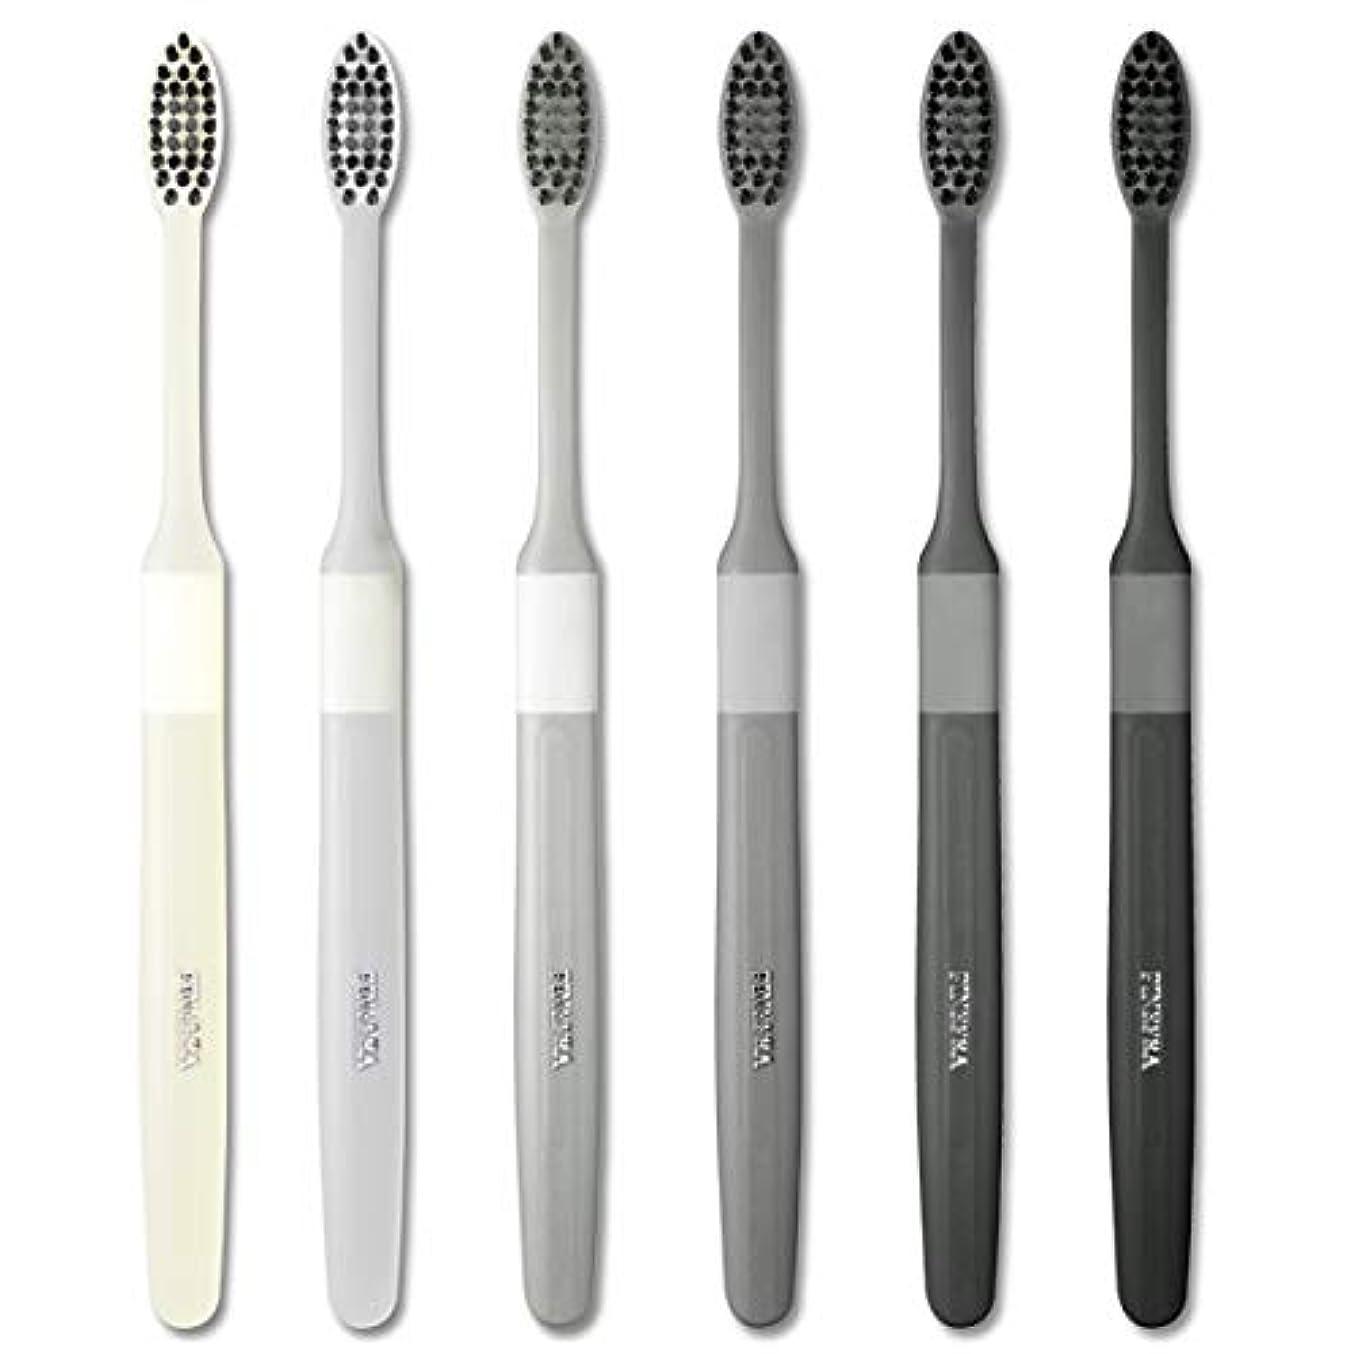 ホールドオールきらめくブラシFINEFRA歯ブラシ(6本セット)